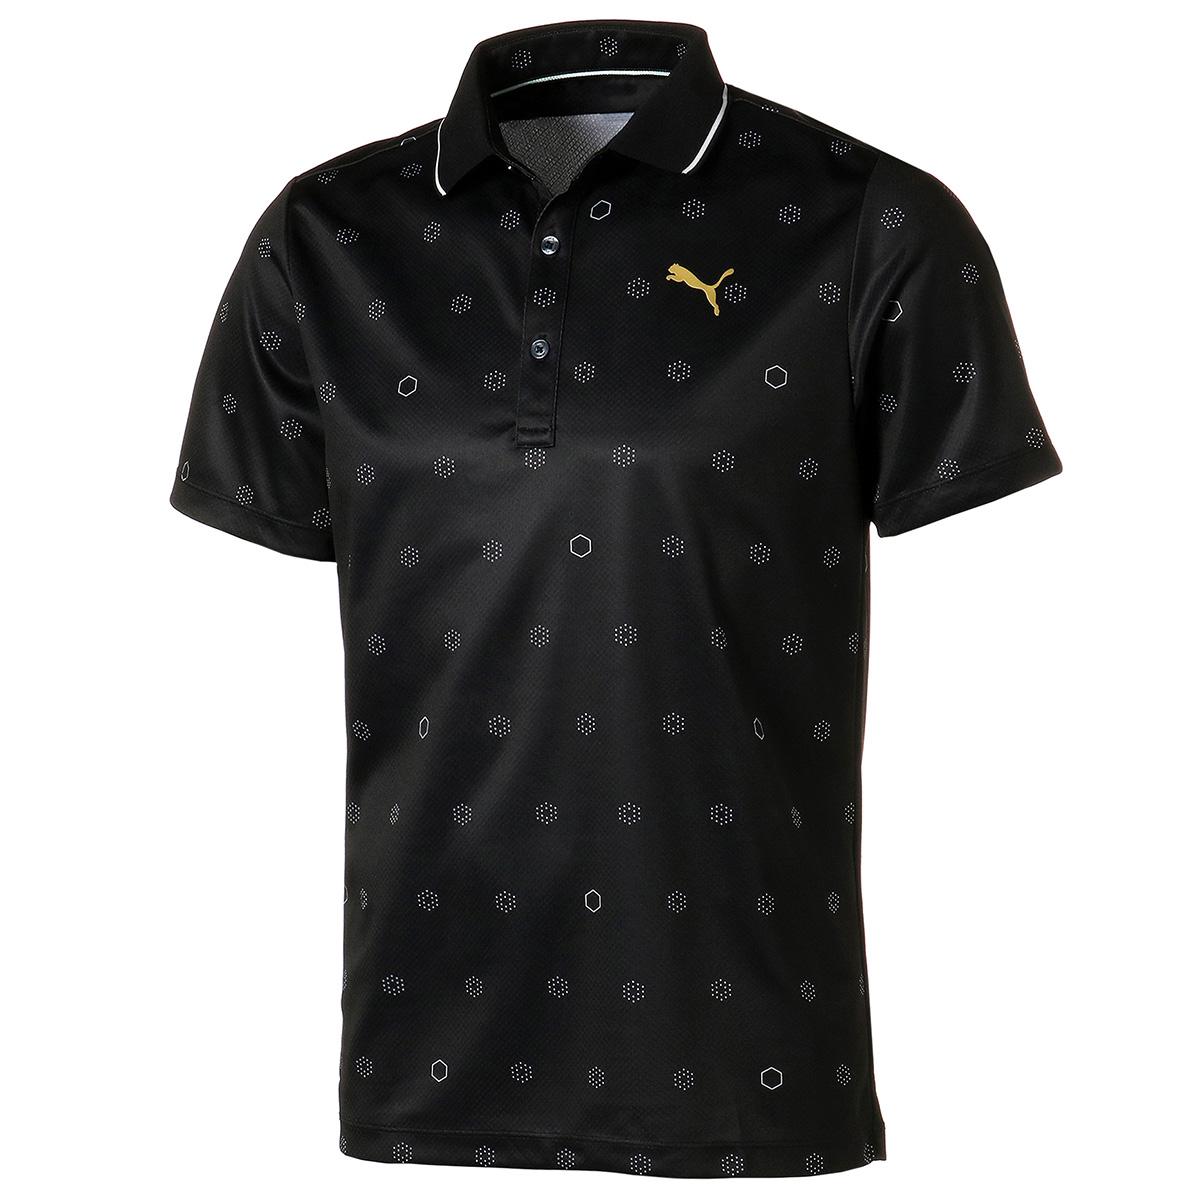 18ホール モノグラム 半袖ポロシャツ